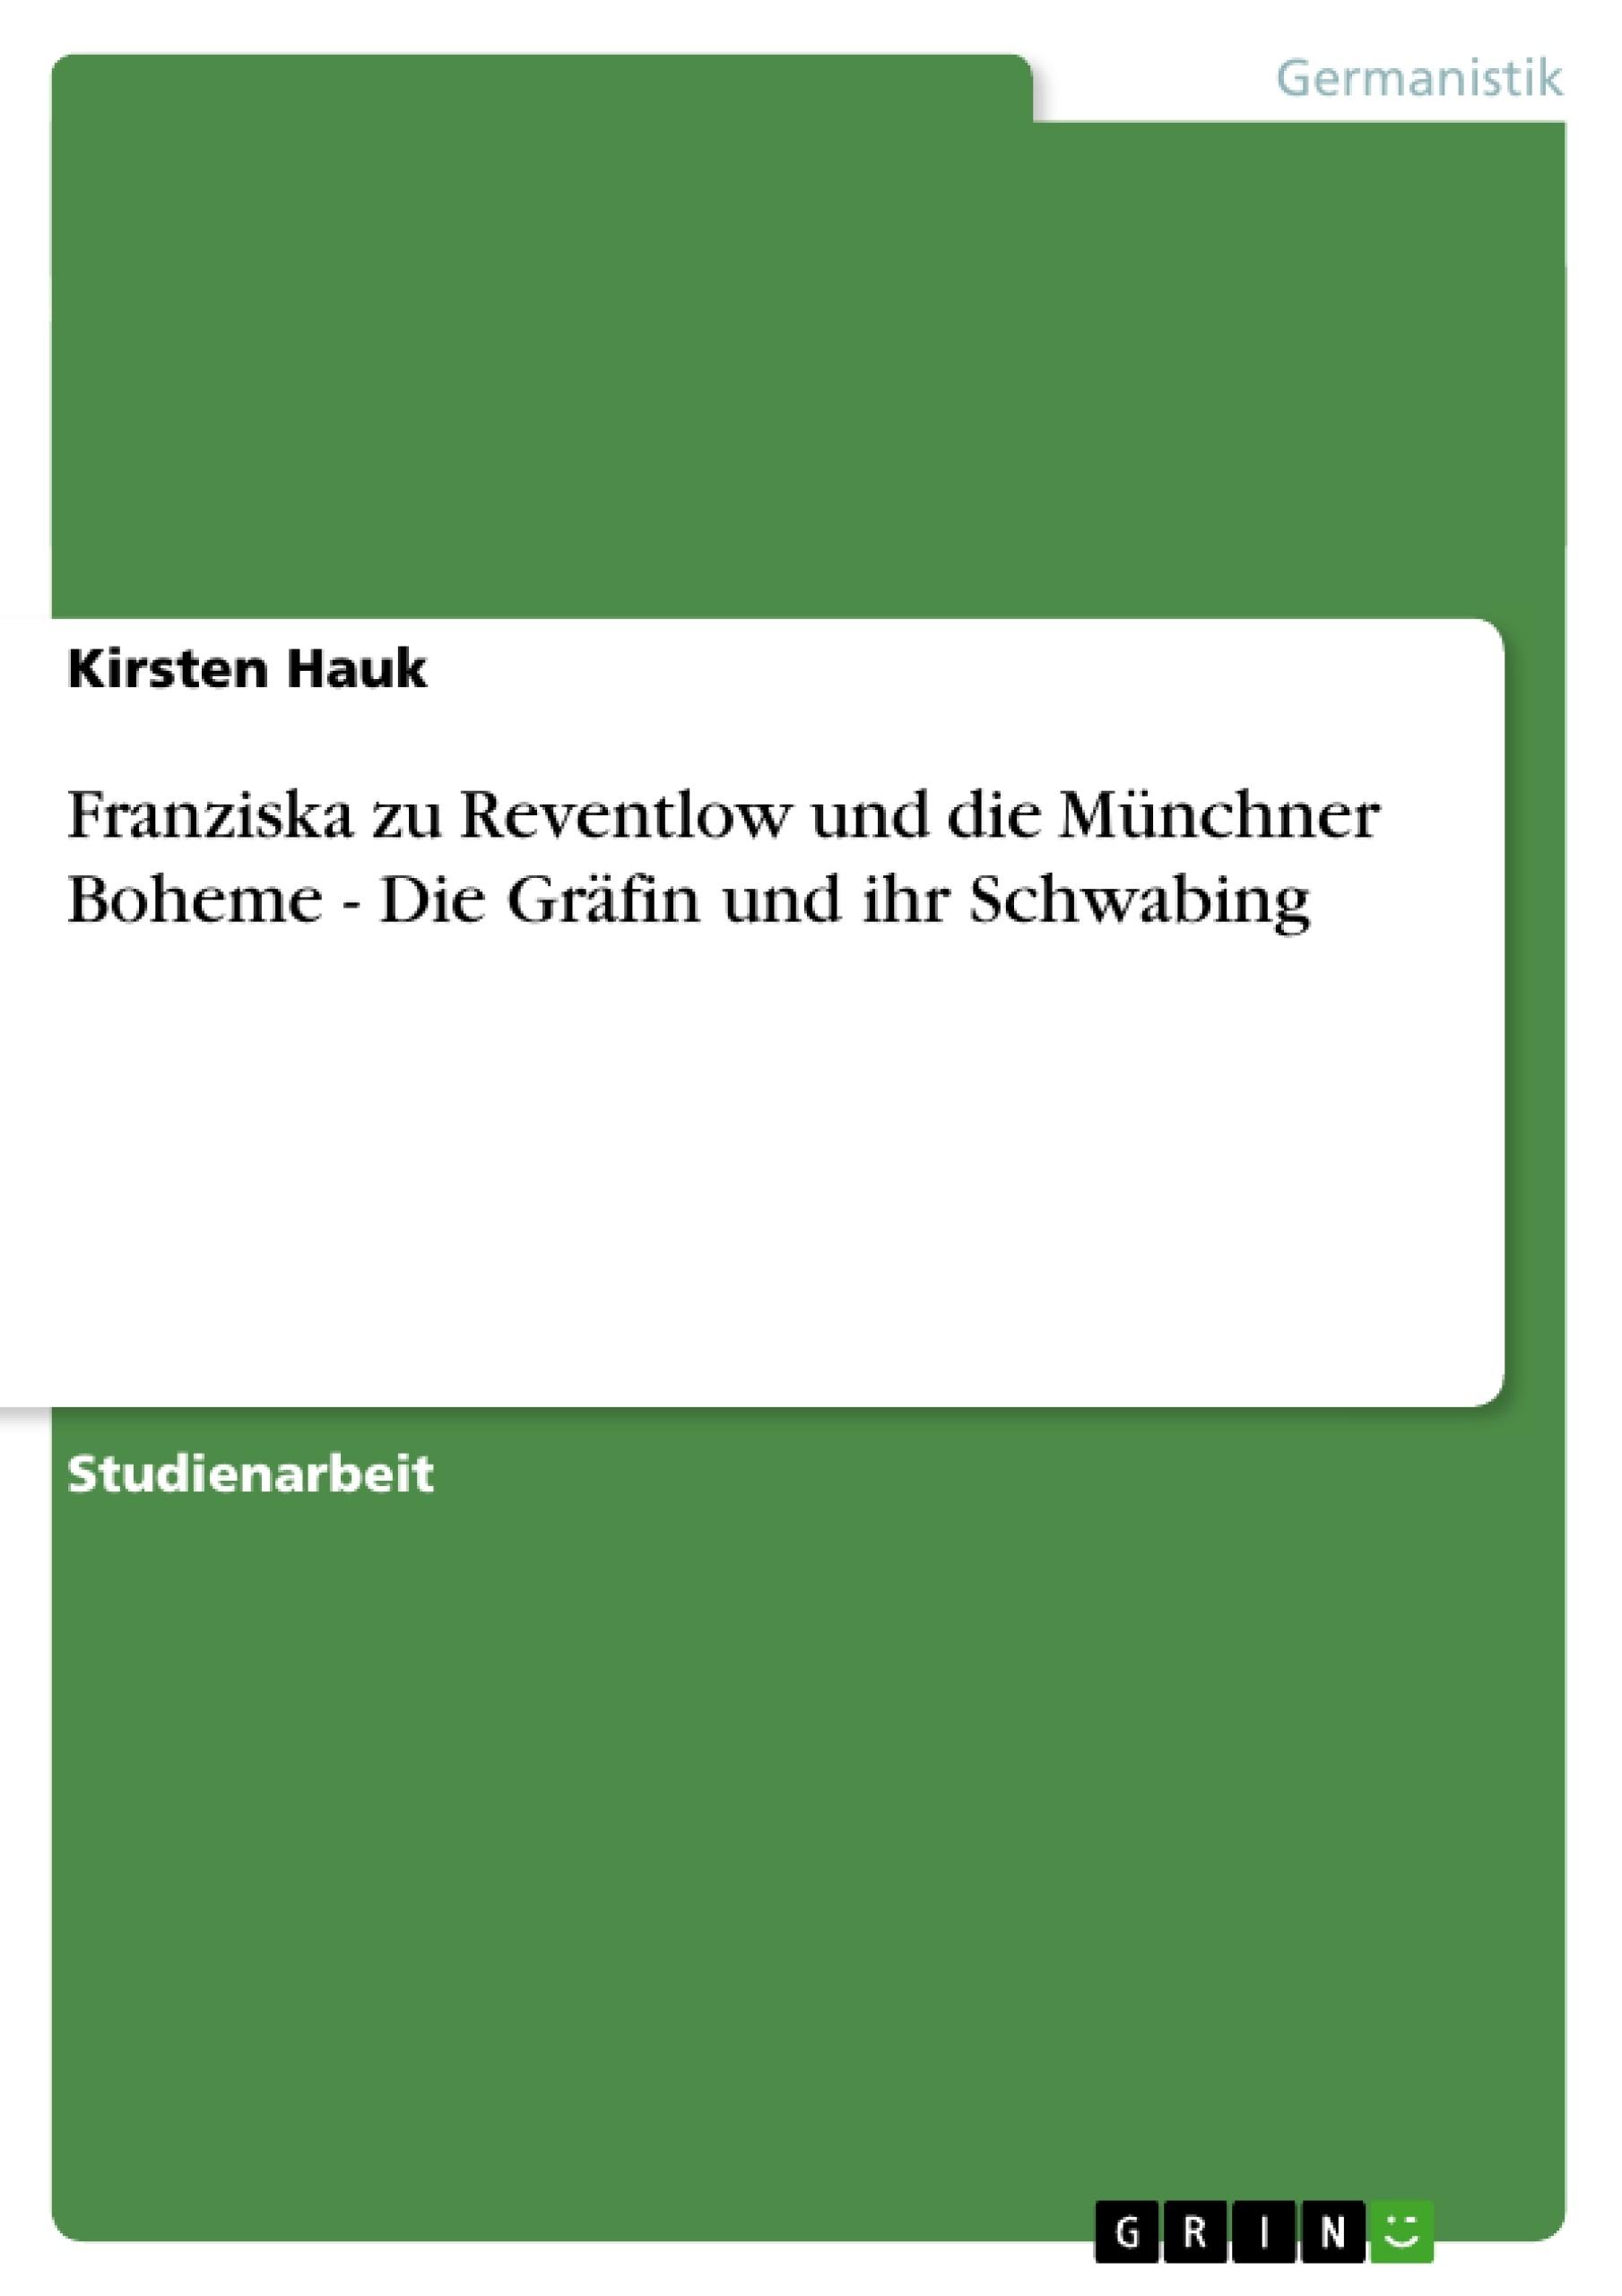 Titel: Franziska zu Reventlow und die Münchner Boheme - Die Gräfin und ihr Schwabing